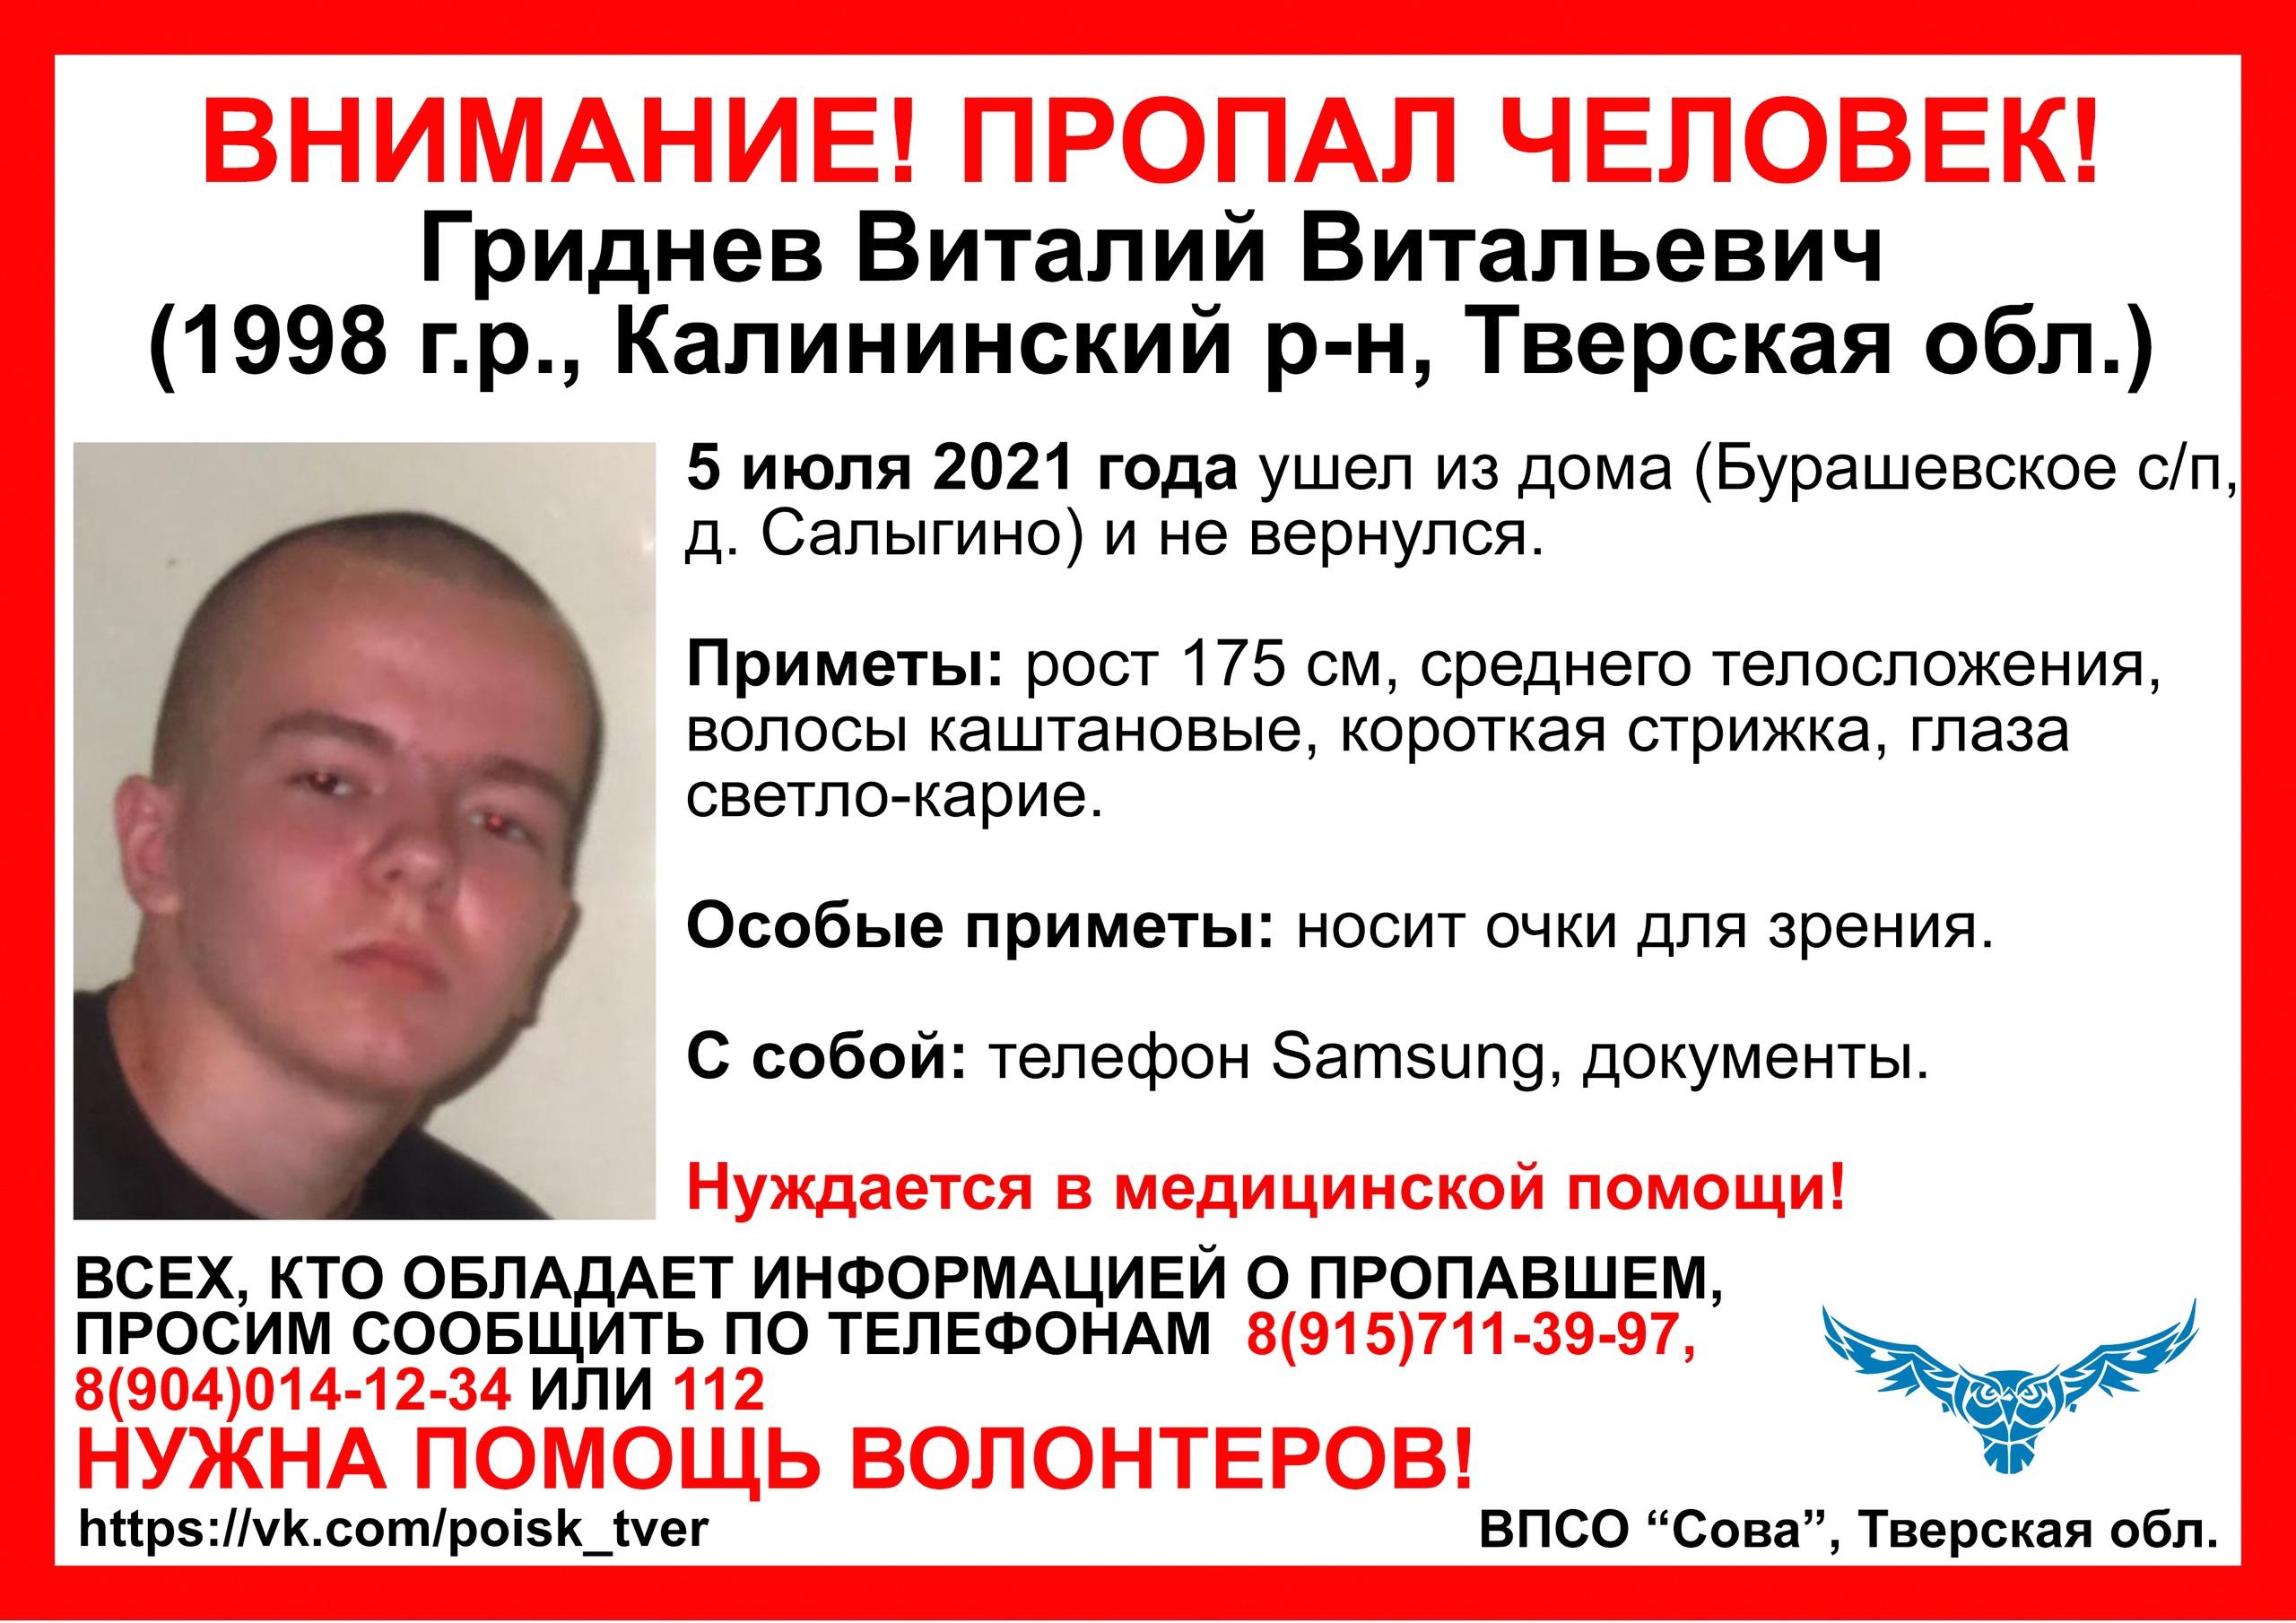 23-летний парень с короткой стрижкой исчез под Тверью